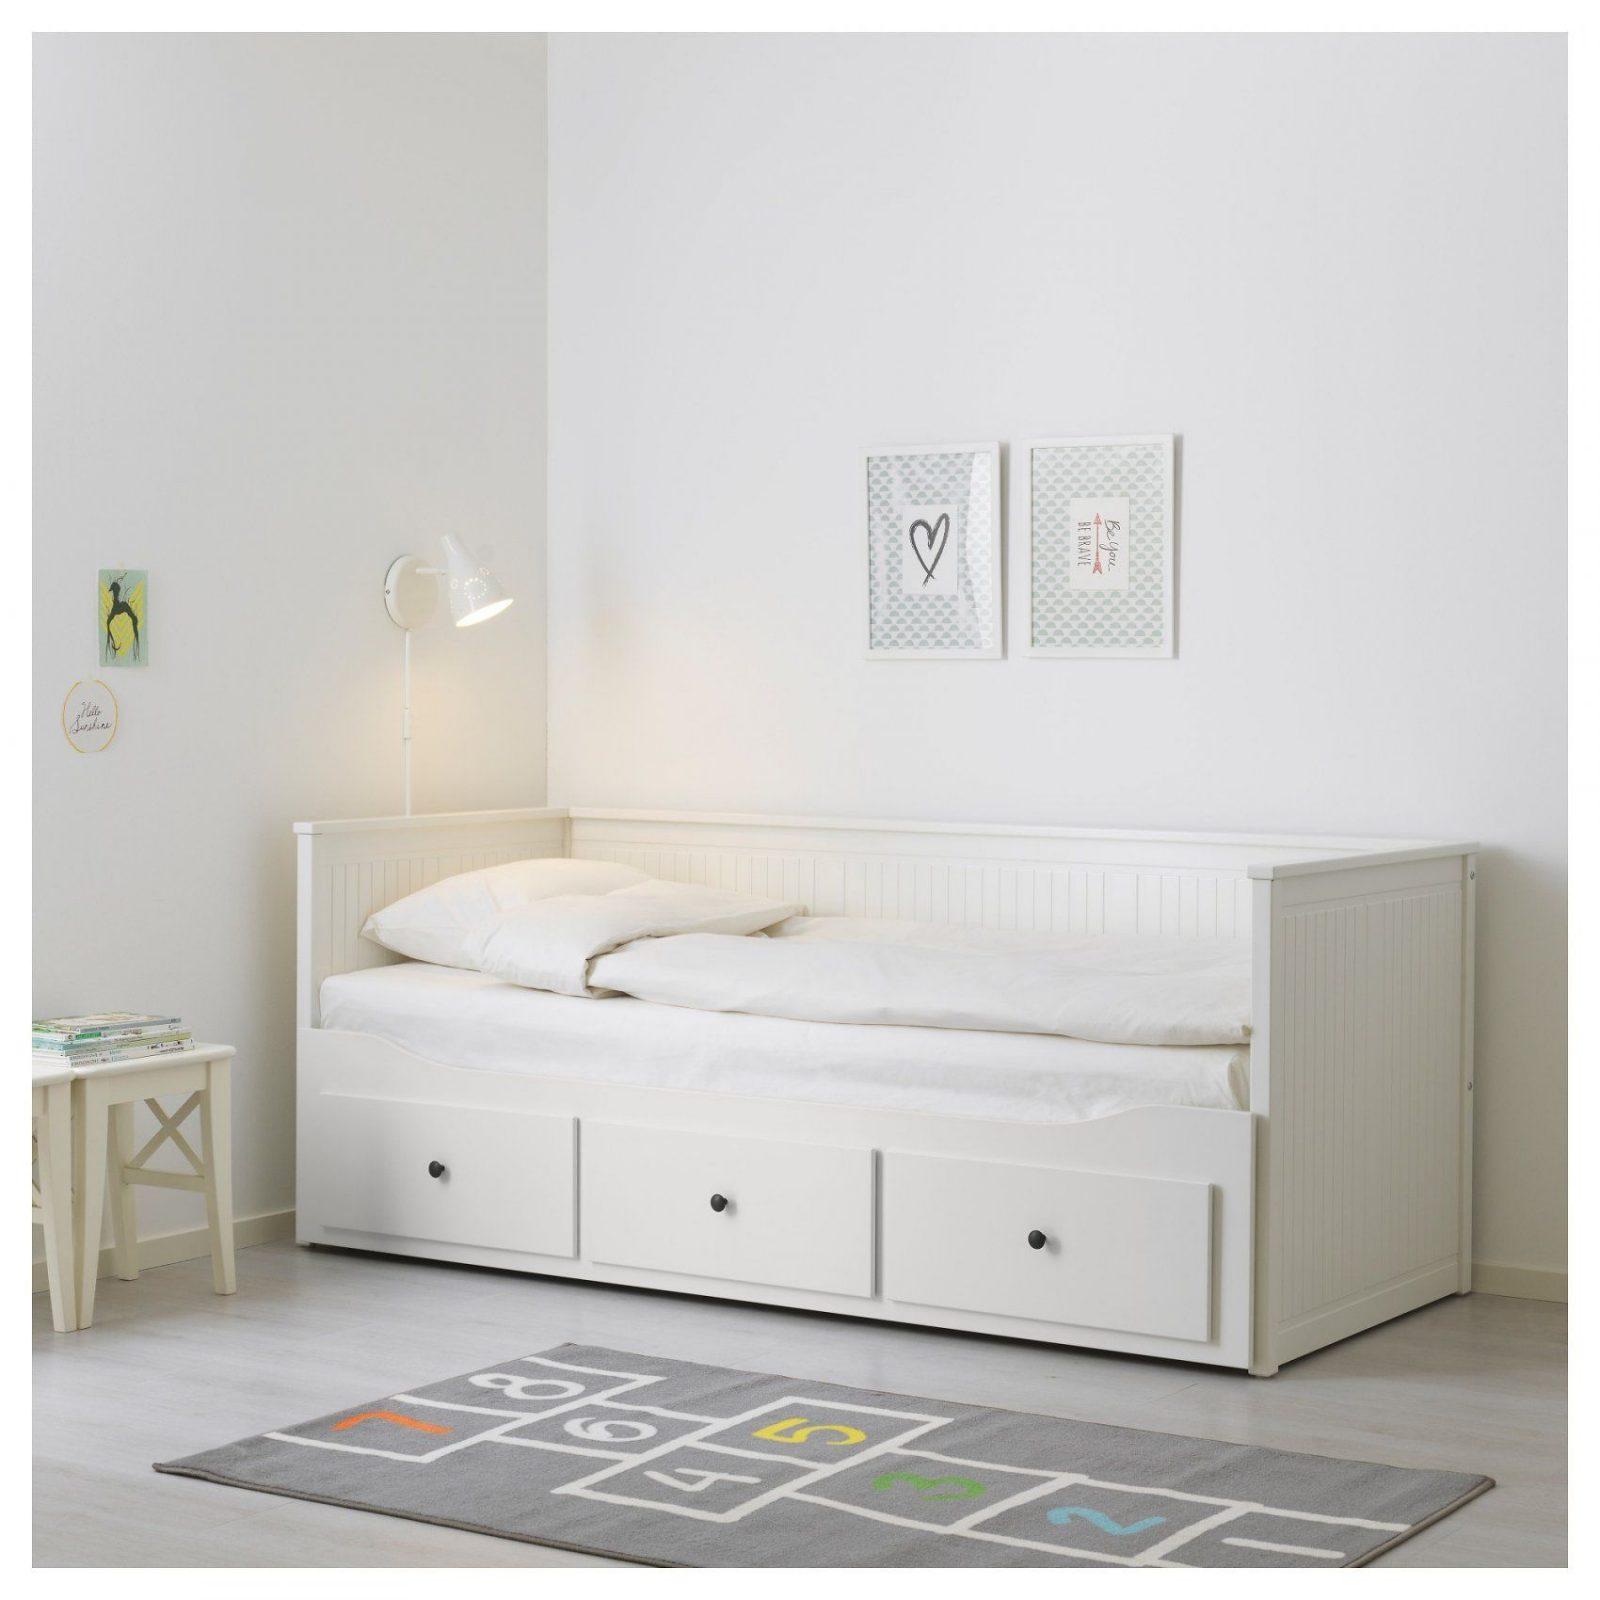 Hemnes Tagesbettgestell3 Schubladen  Ikea von Ikea Hemnes Tagesbett Bewertung Bild